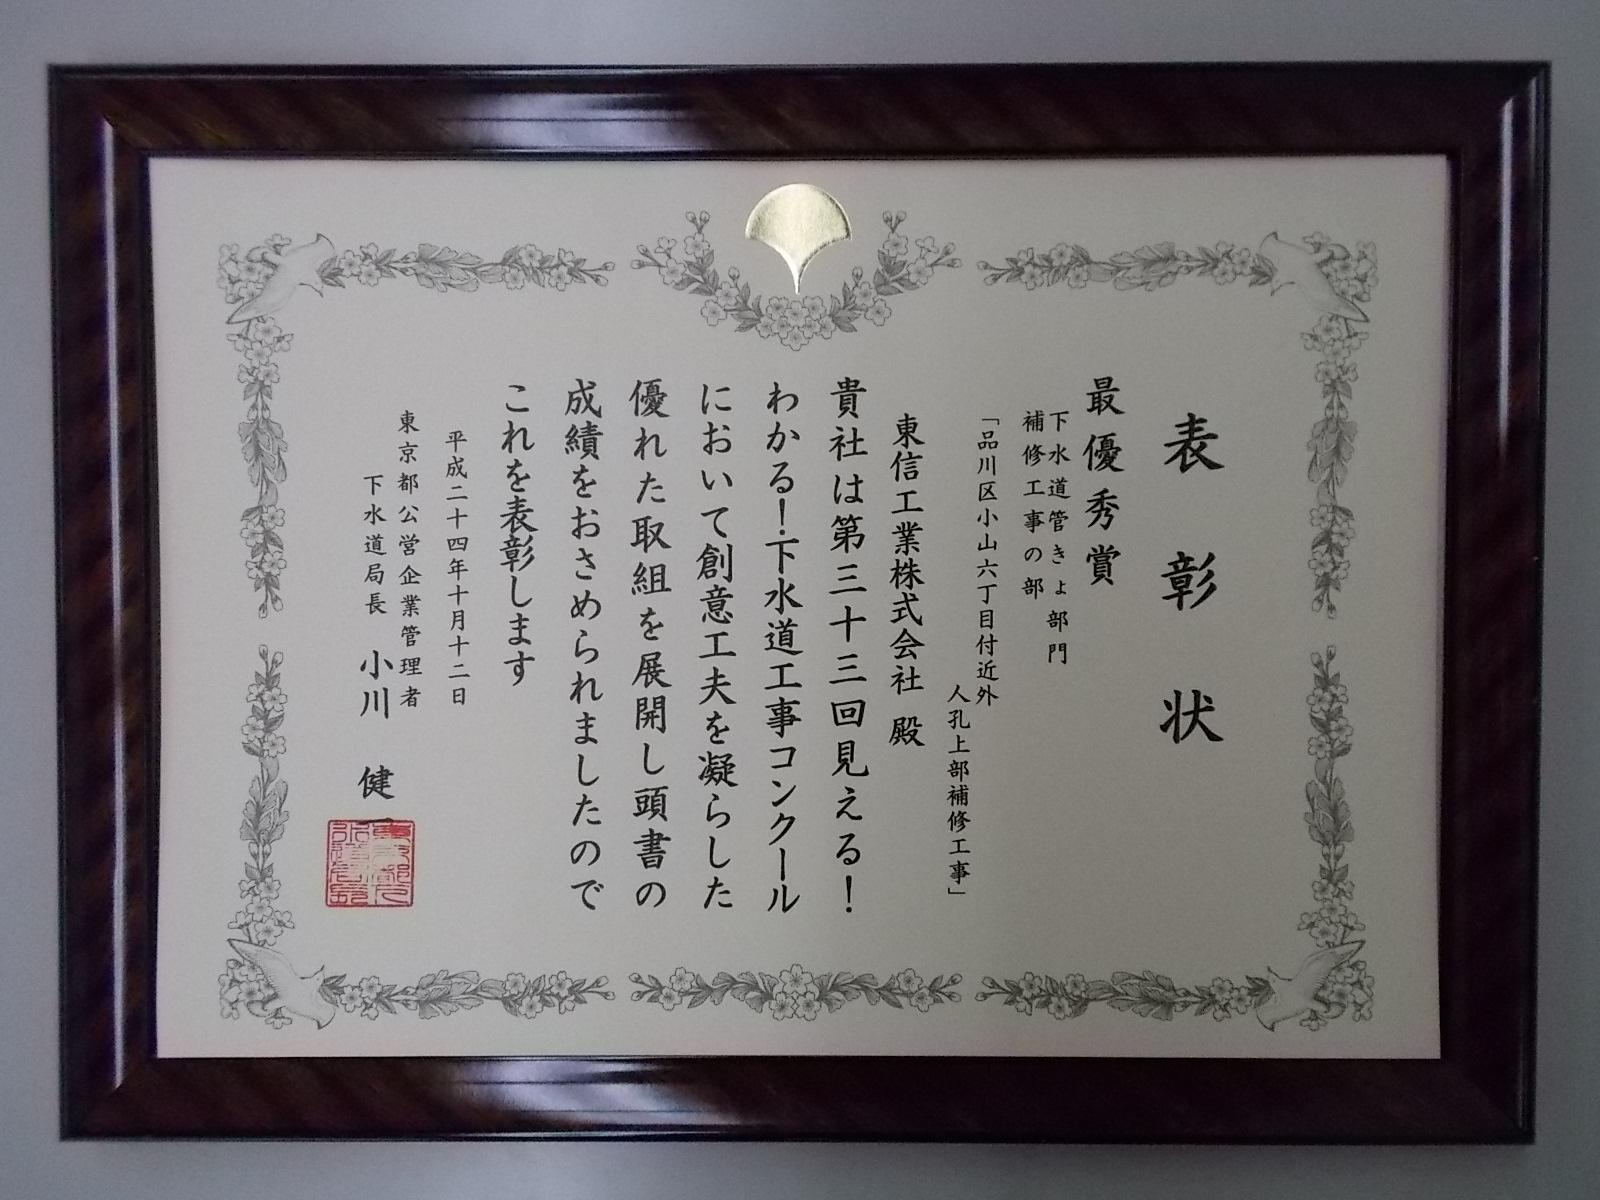 「第33回見える!わかる!下水道コンクール」下水道管きょ部門補修工事の部 最優秀賞を受賞しました。